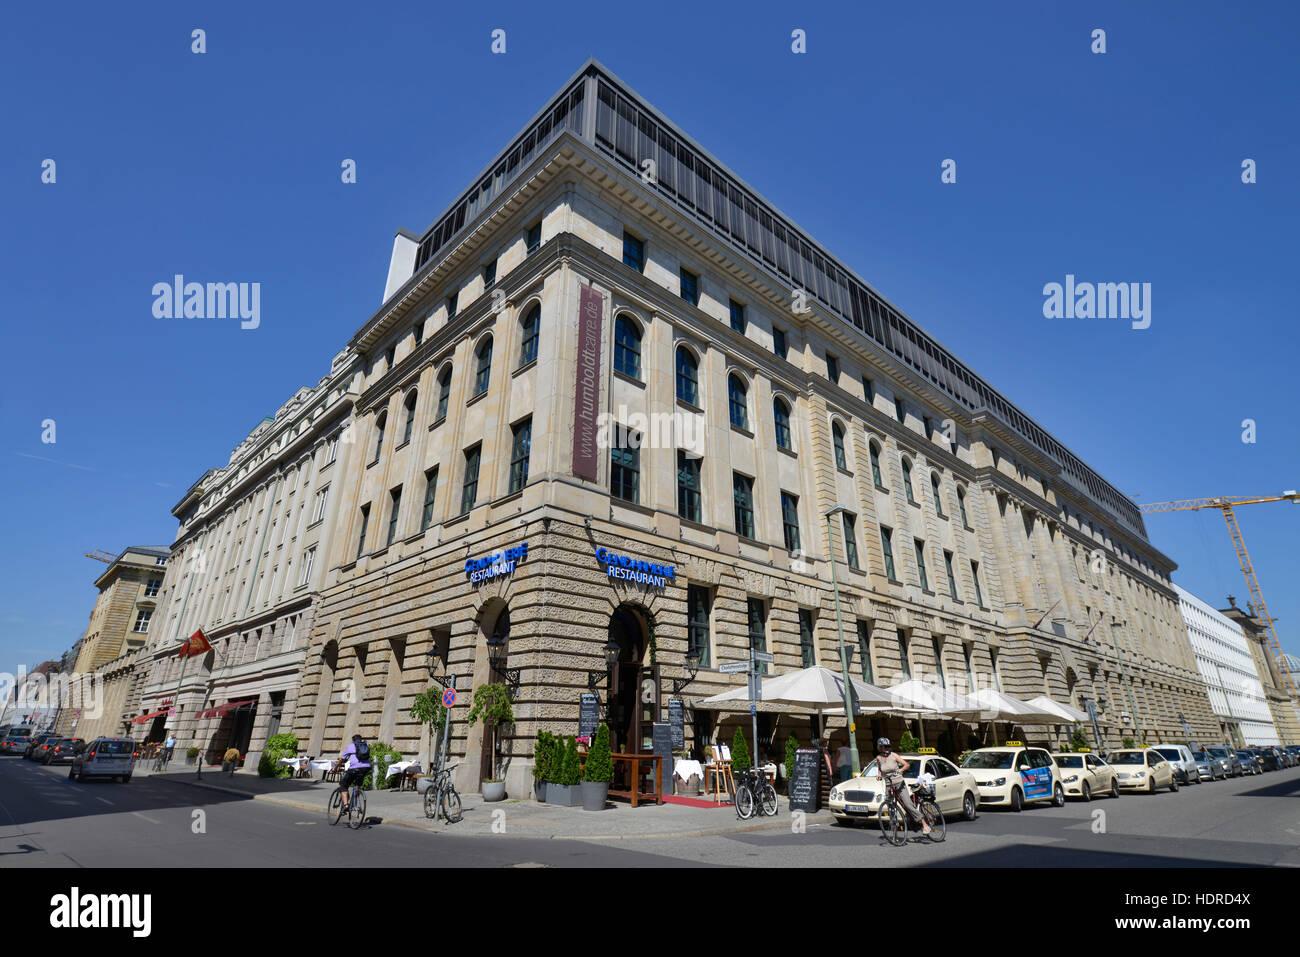 Restaurant Gendarmerie, Behrenstrasse, Mitte, Berlin, Deutschland - Stock Image